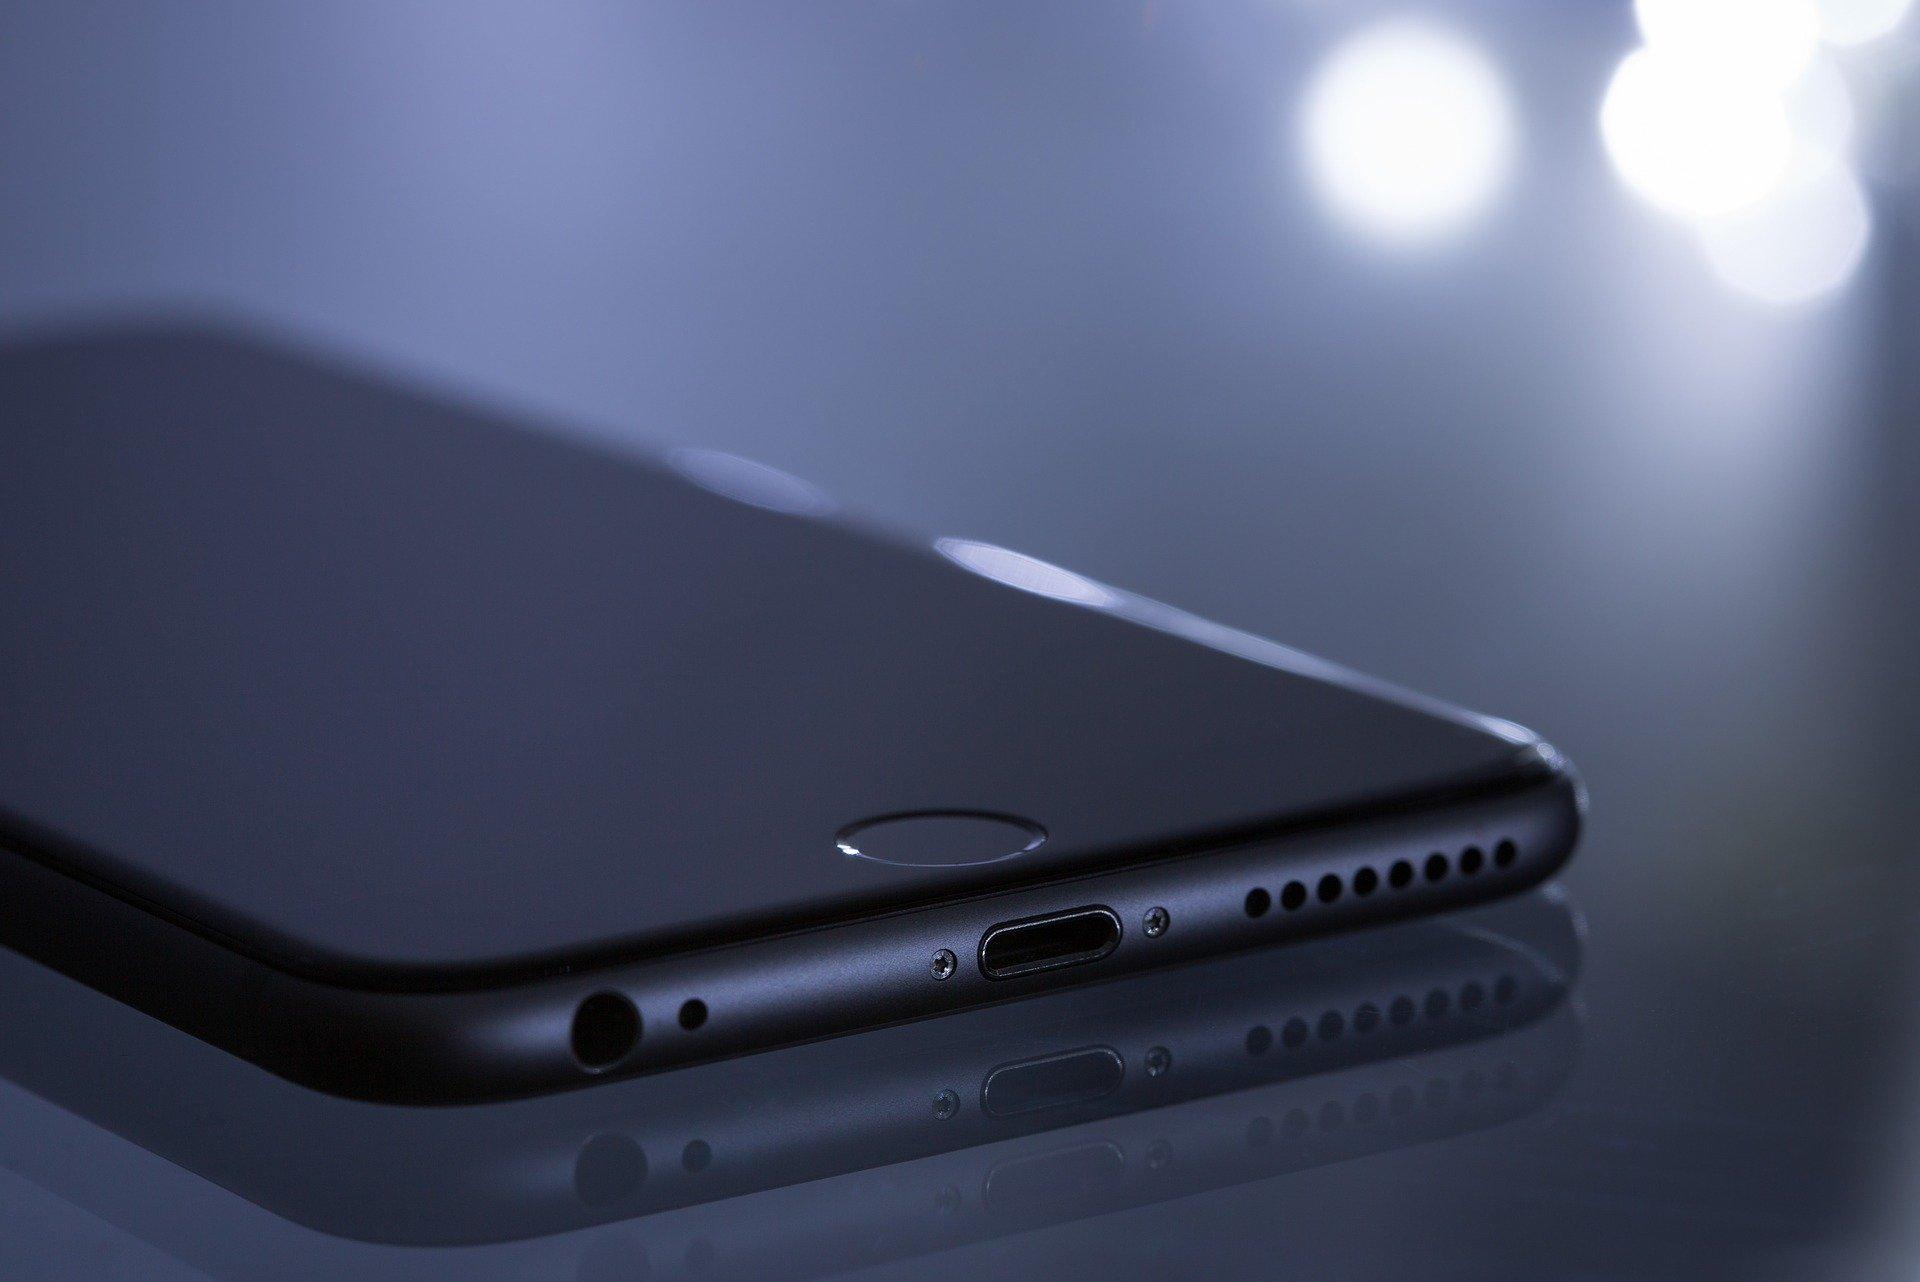 téléphone dans le noir